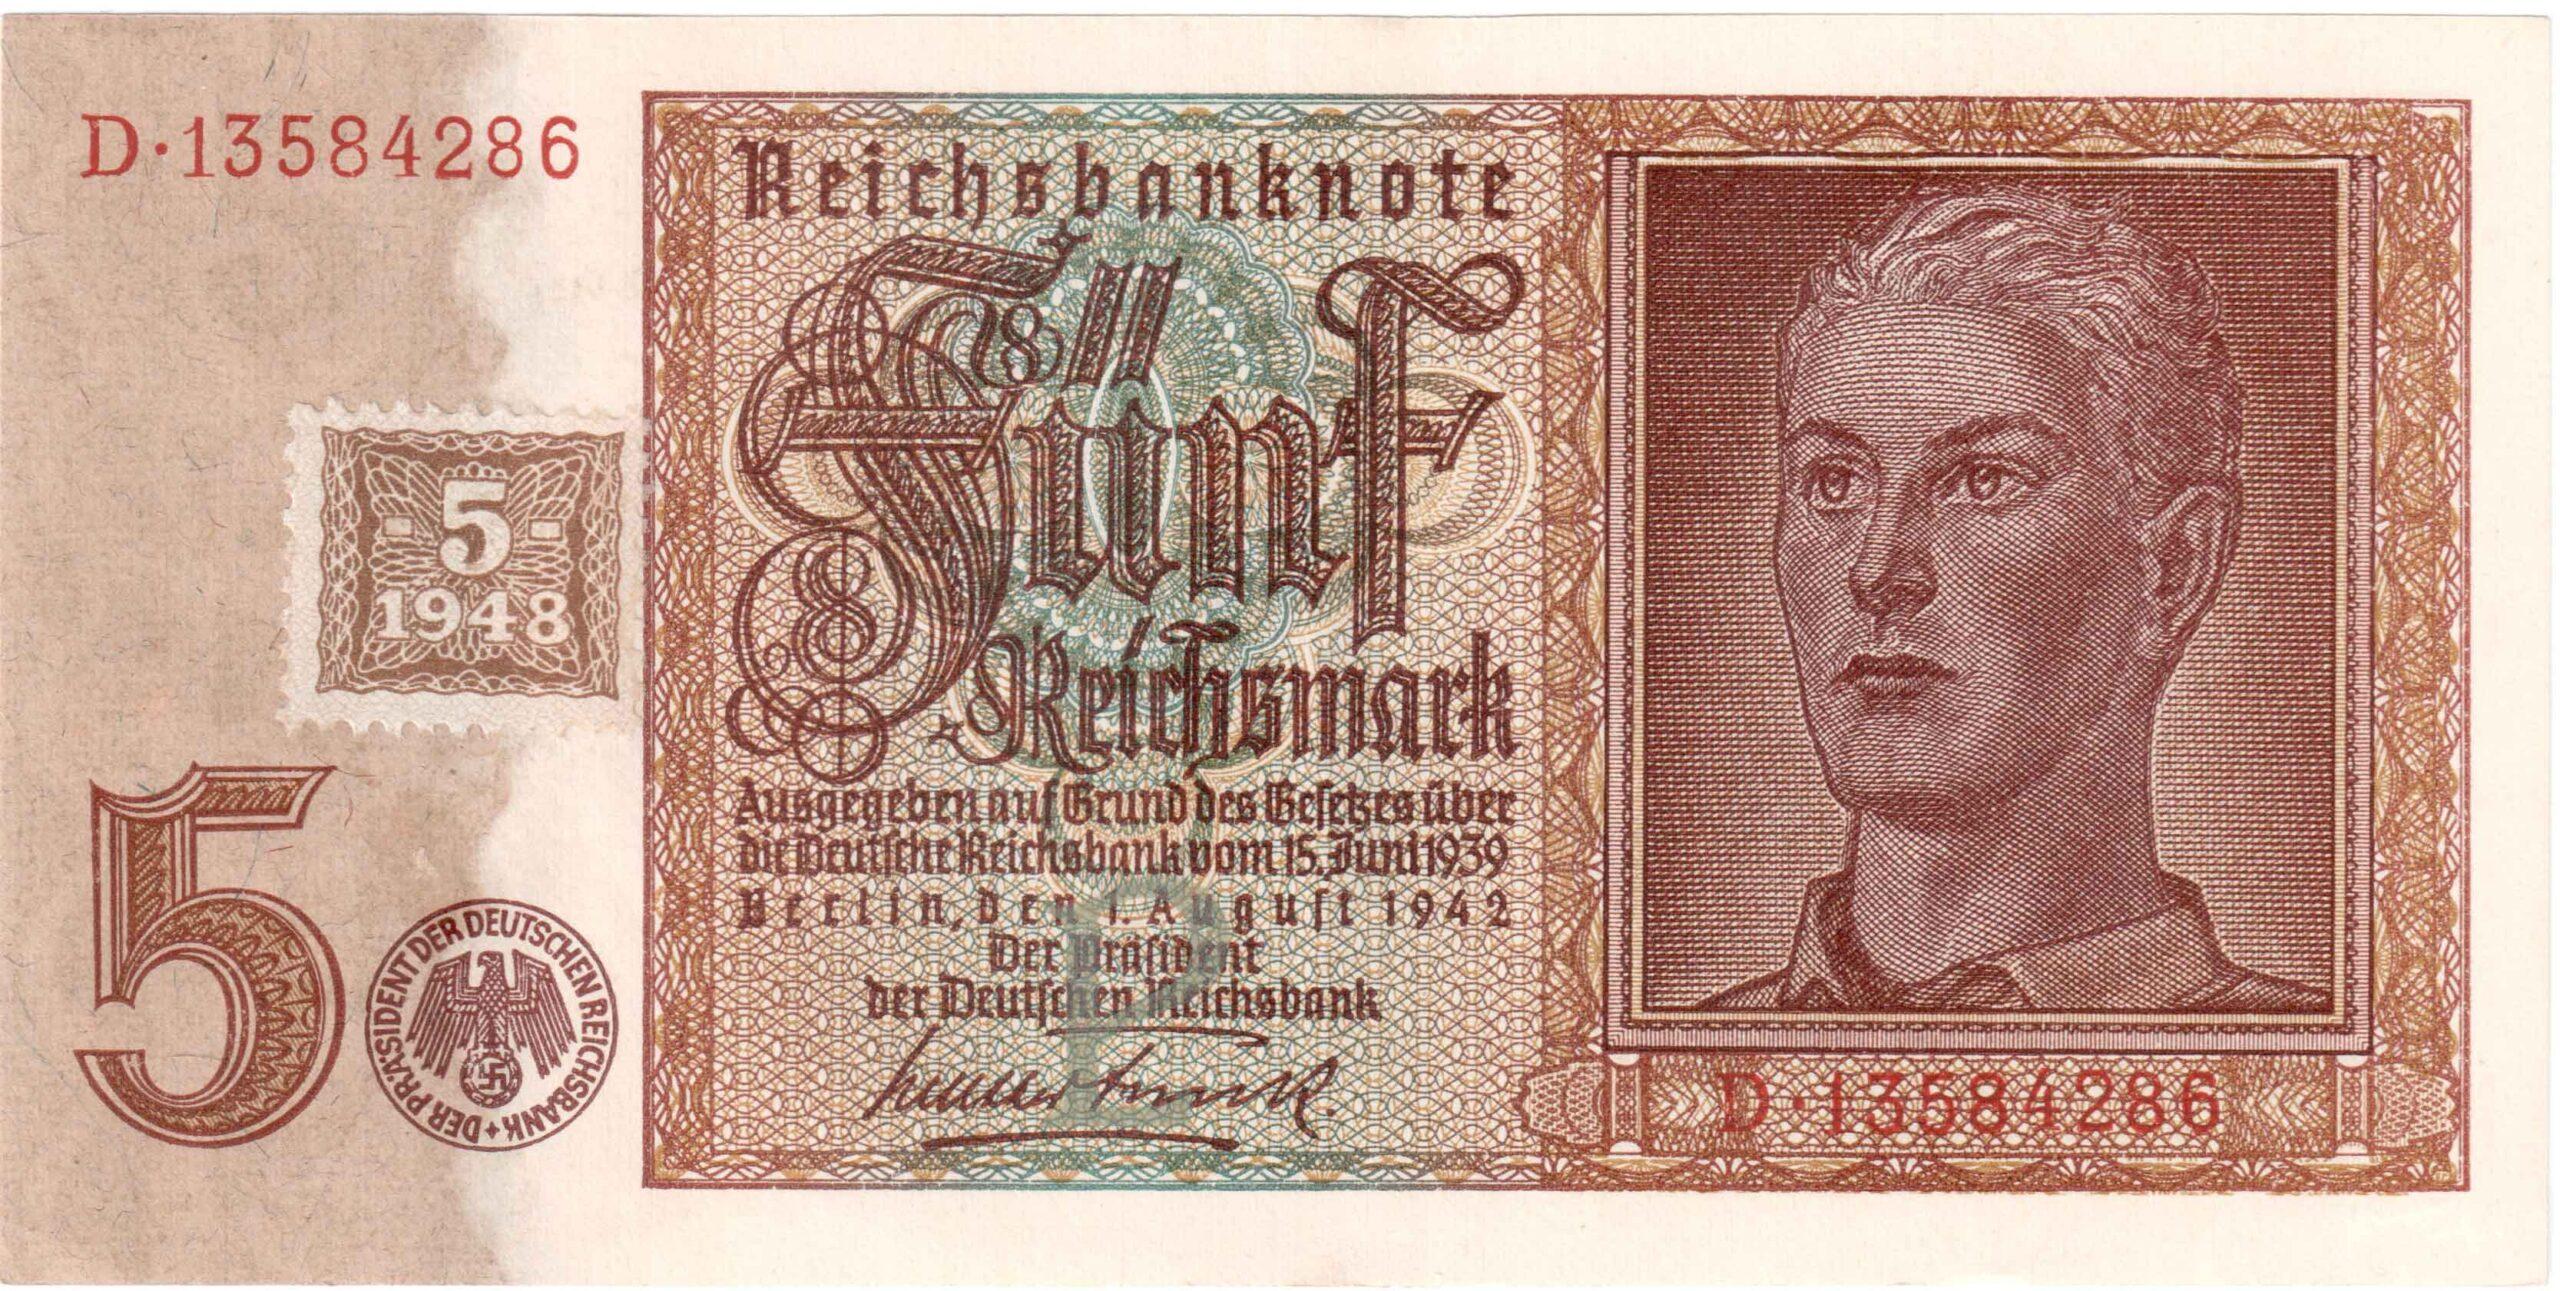 Fünfmarkschein nach der Währungsreform in der sowjetischen Besatzungszone von 1948. Kupon auf der alten Banknote von 1942 , Ro. 333, Vorderseite